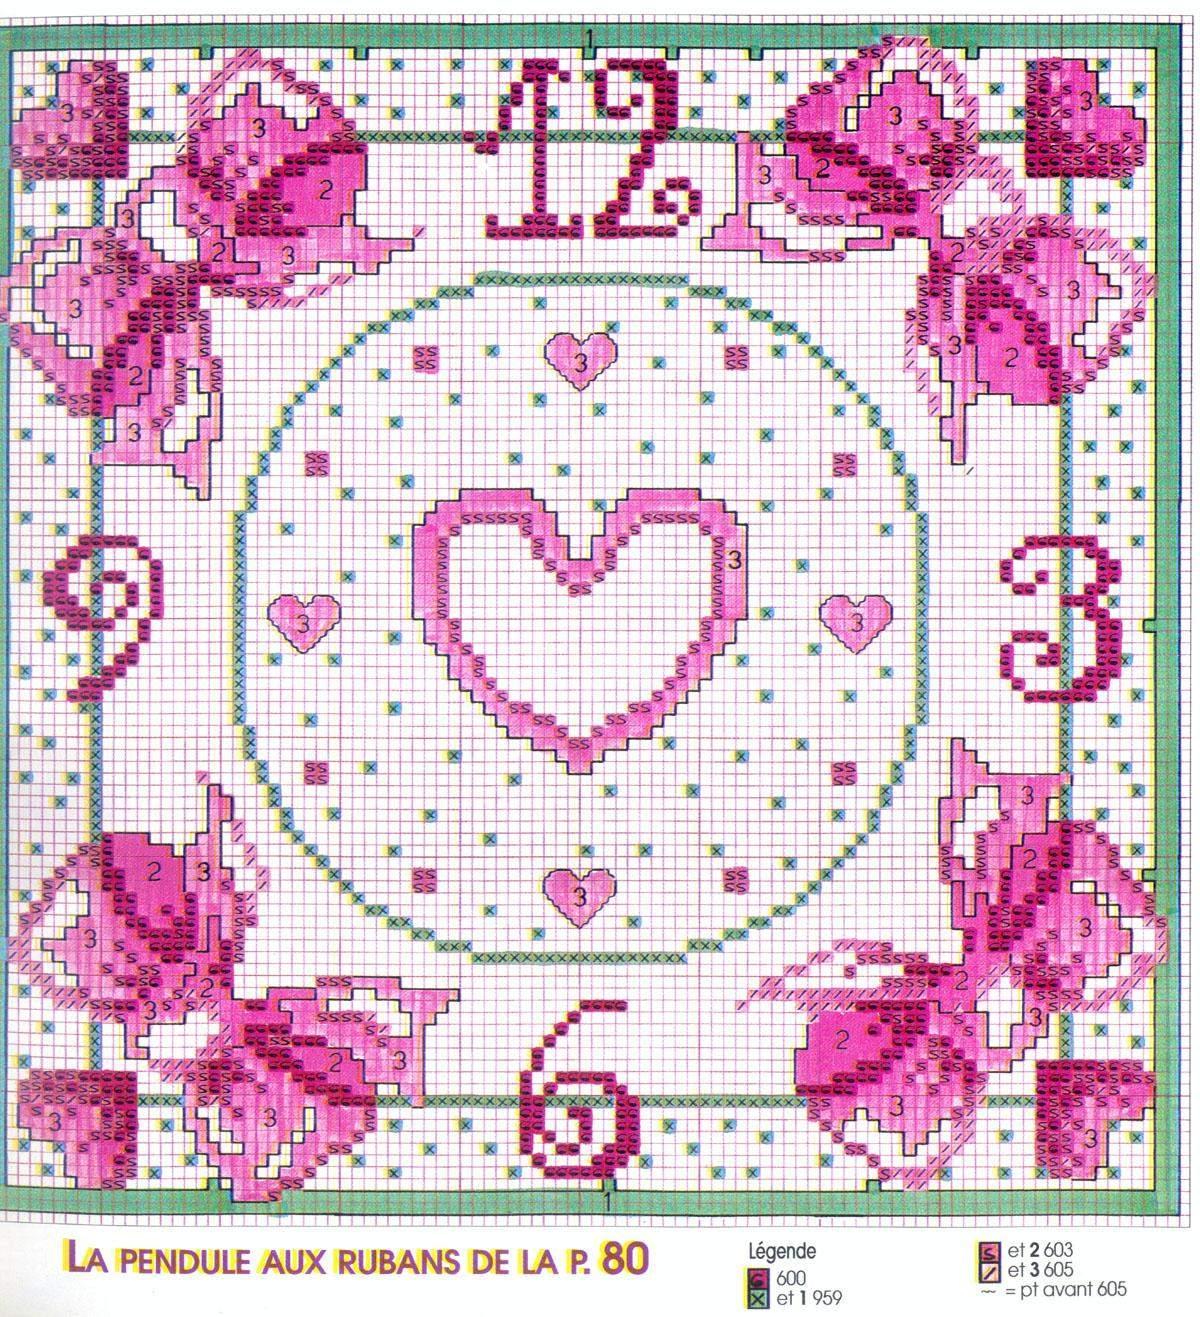 Orologio fiocchi cuore 2 punto croce for Orologio punto croce schemi gratis